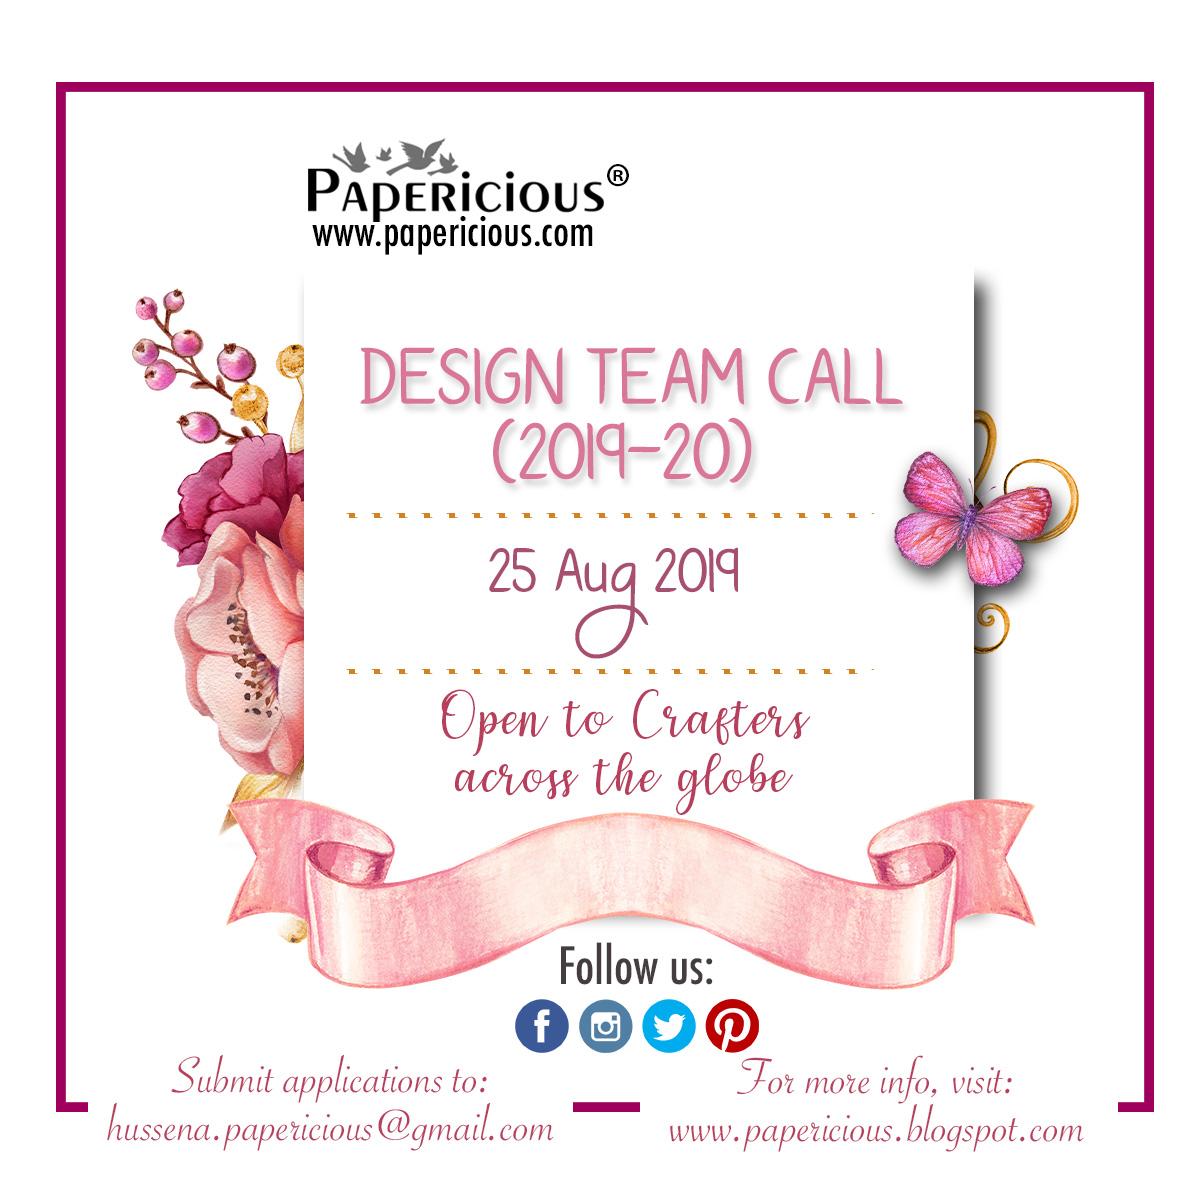 Design Team Call - 2019 -20